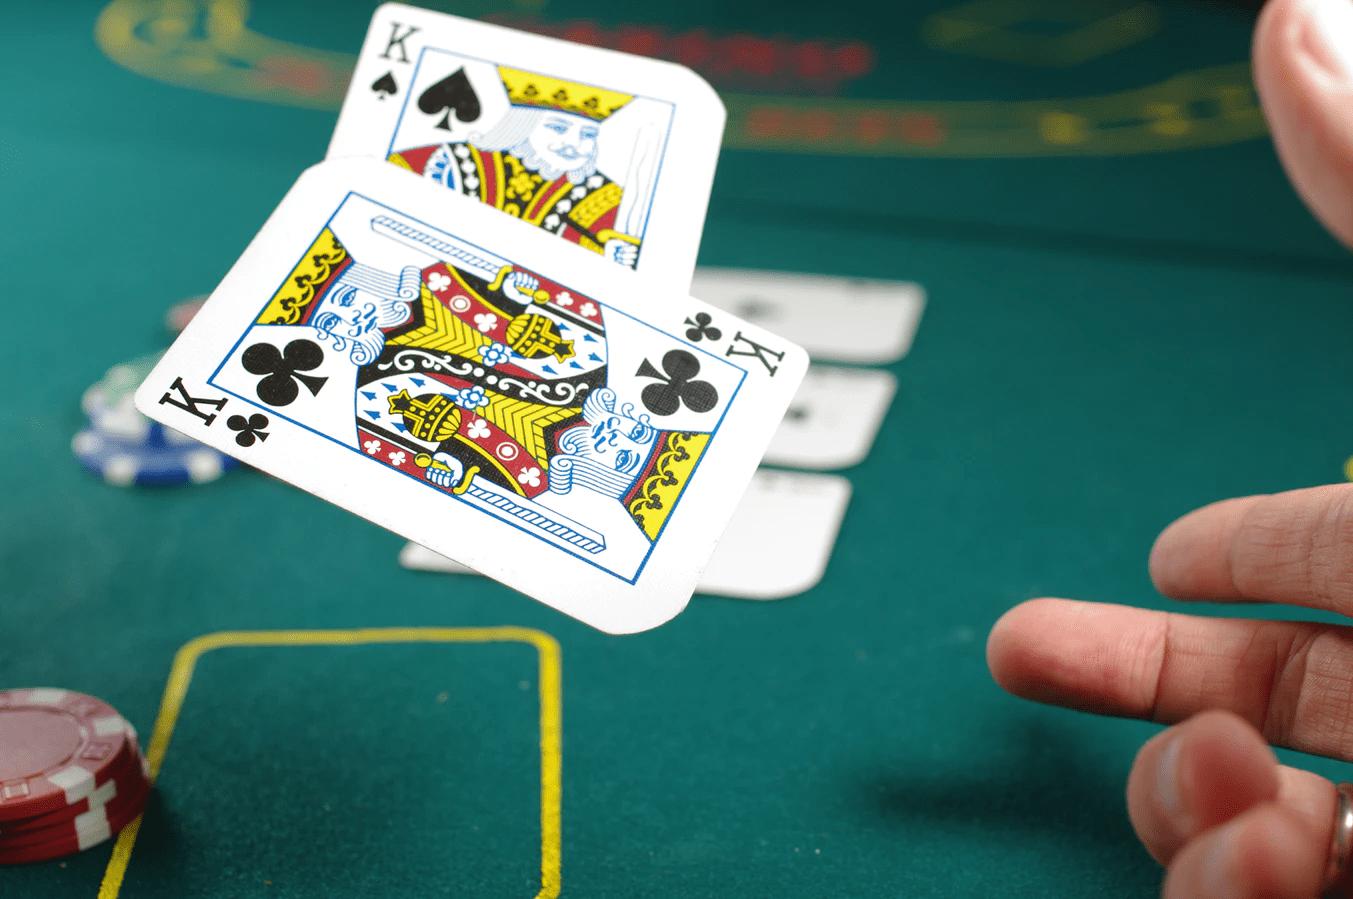 มือใหม่ก็เล่นได้! LuckyNiki คาสิโน ออนไลน์พร้อมต้อนรับผู้เล่นมือใหม่